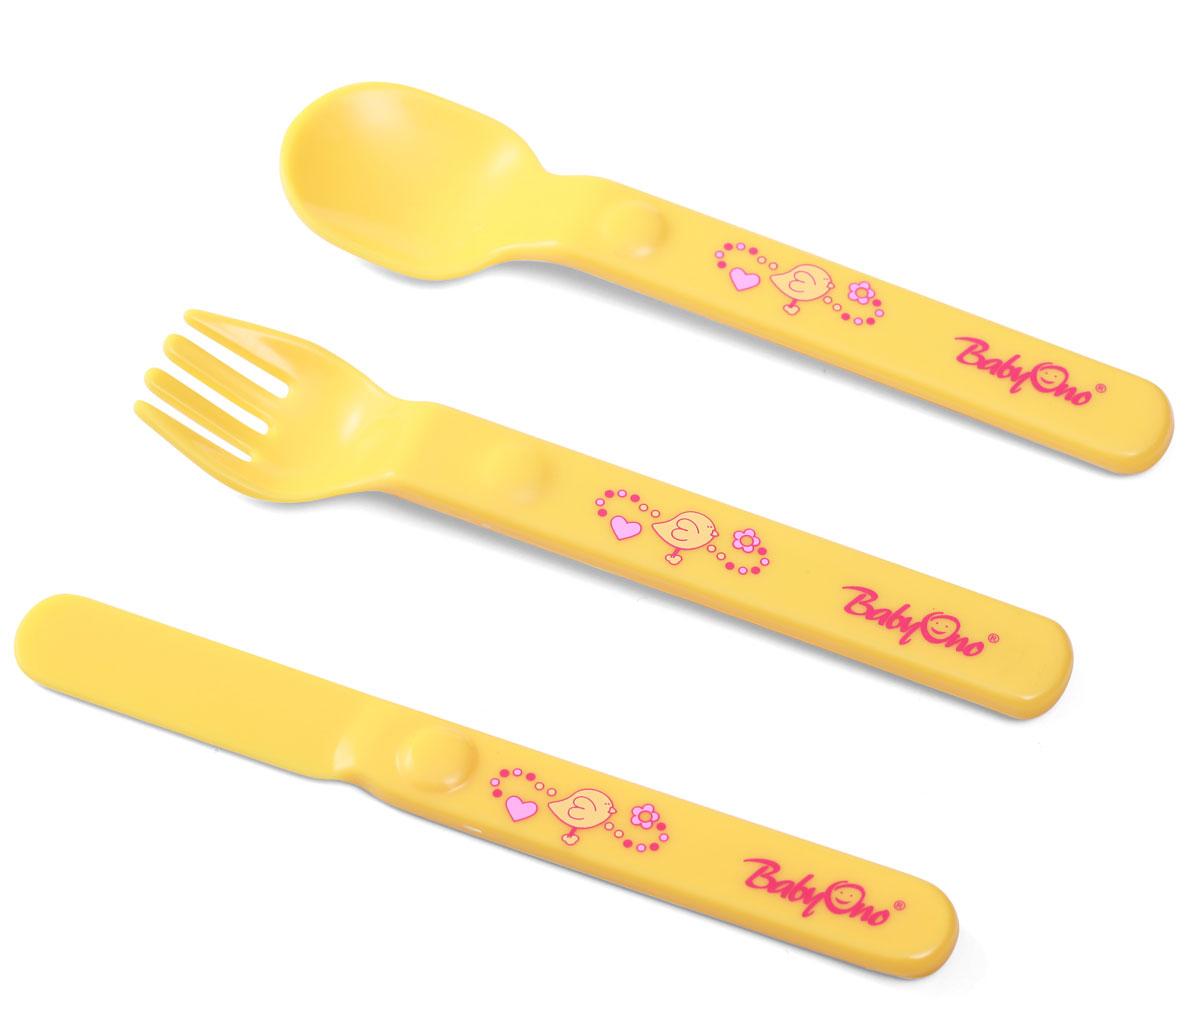 BabyOno Набор детских столовых приборов цвет желтый 3 предмета115510Набор детских столовых приборов BabyOno подойдет для подросших деток, которые уже пытаются кушать самостоятельно.Приборы имеют насыщенный приятный цвет; края ложечки и вилочки не травмирует десна. У столовых приборов удобные ручки; ножик совершенно безопасный. Изделия изготовлены из безопасного пластика, идеальны для освоения навыков самостоятельного приема пищи. Форма столовых предметов рассчитана для маленьких детских ручек.